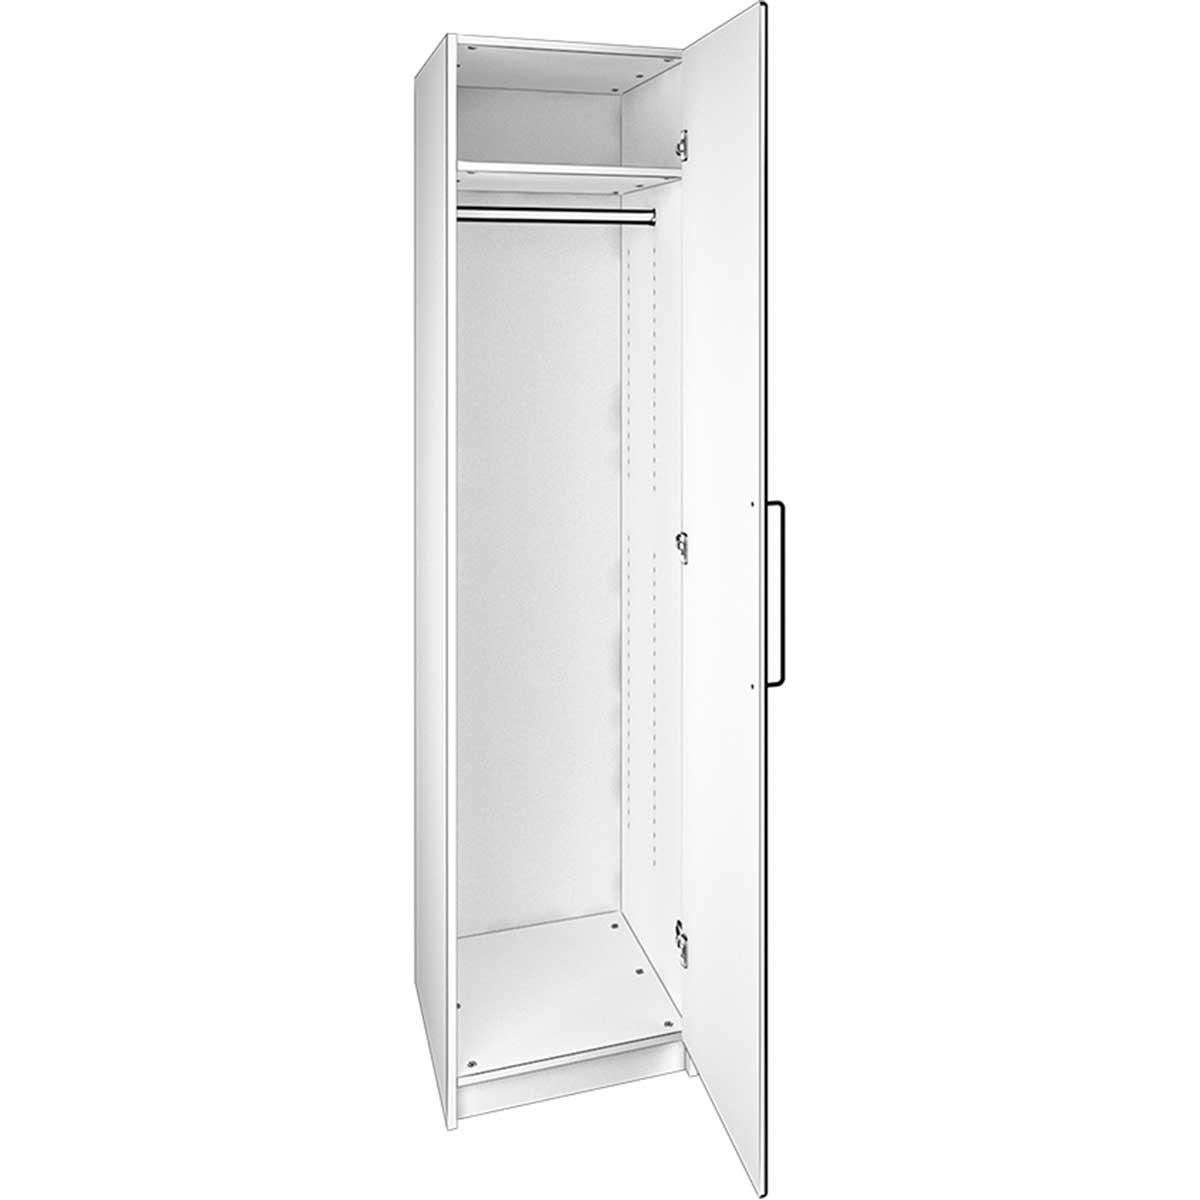 Køb Kaagaard Garderobeskab 1 lÃ¥ge 1042 42x190x62 hvid